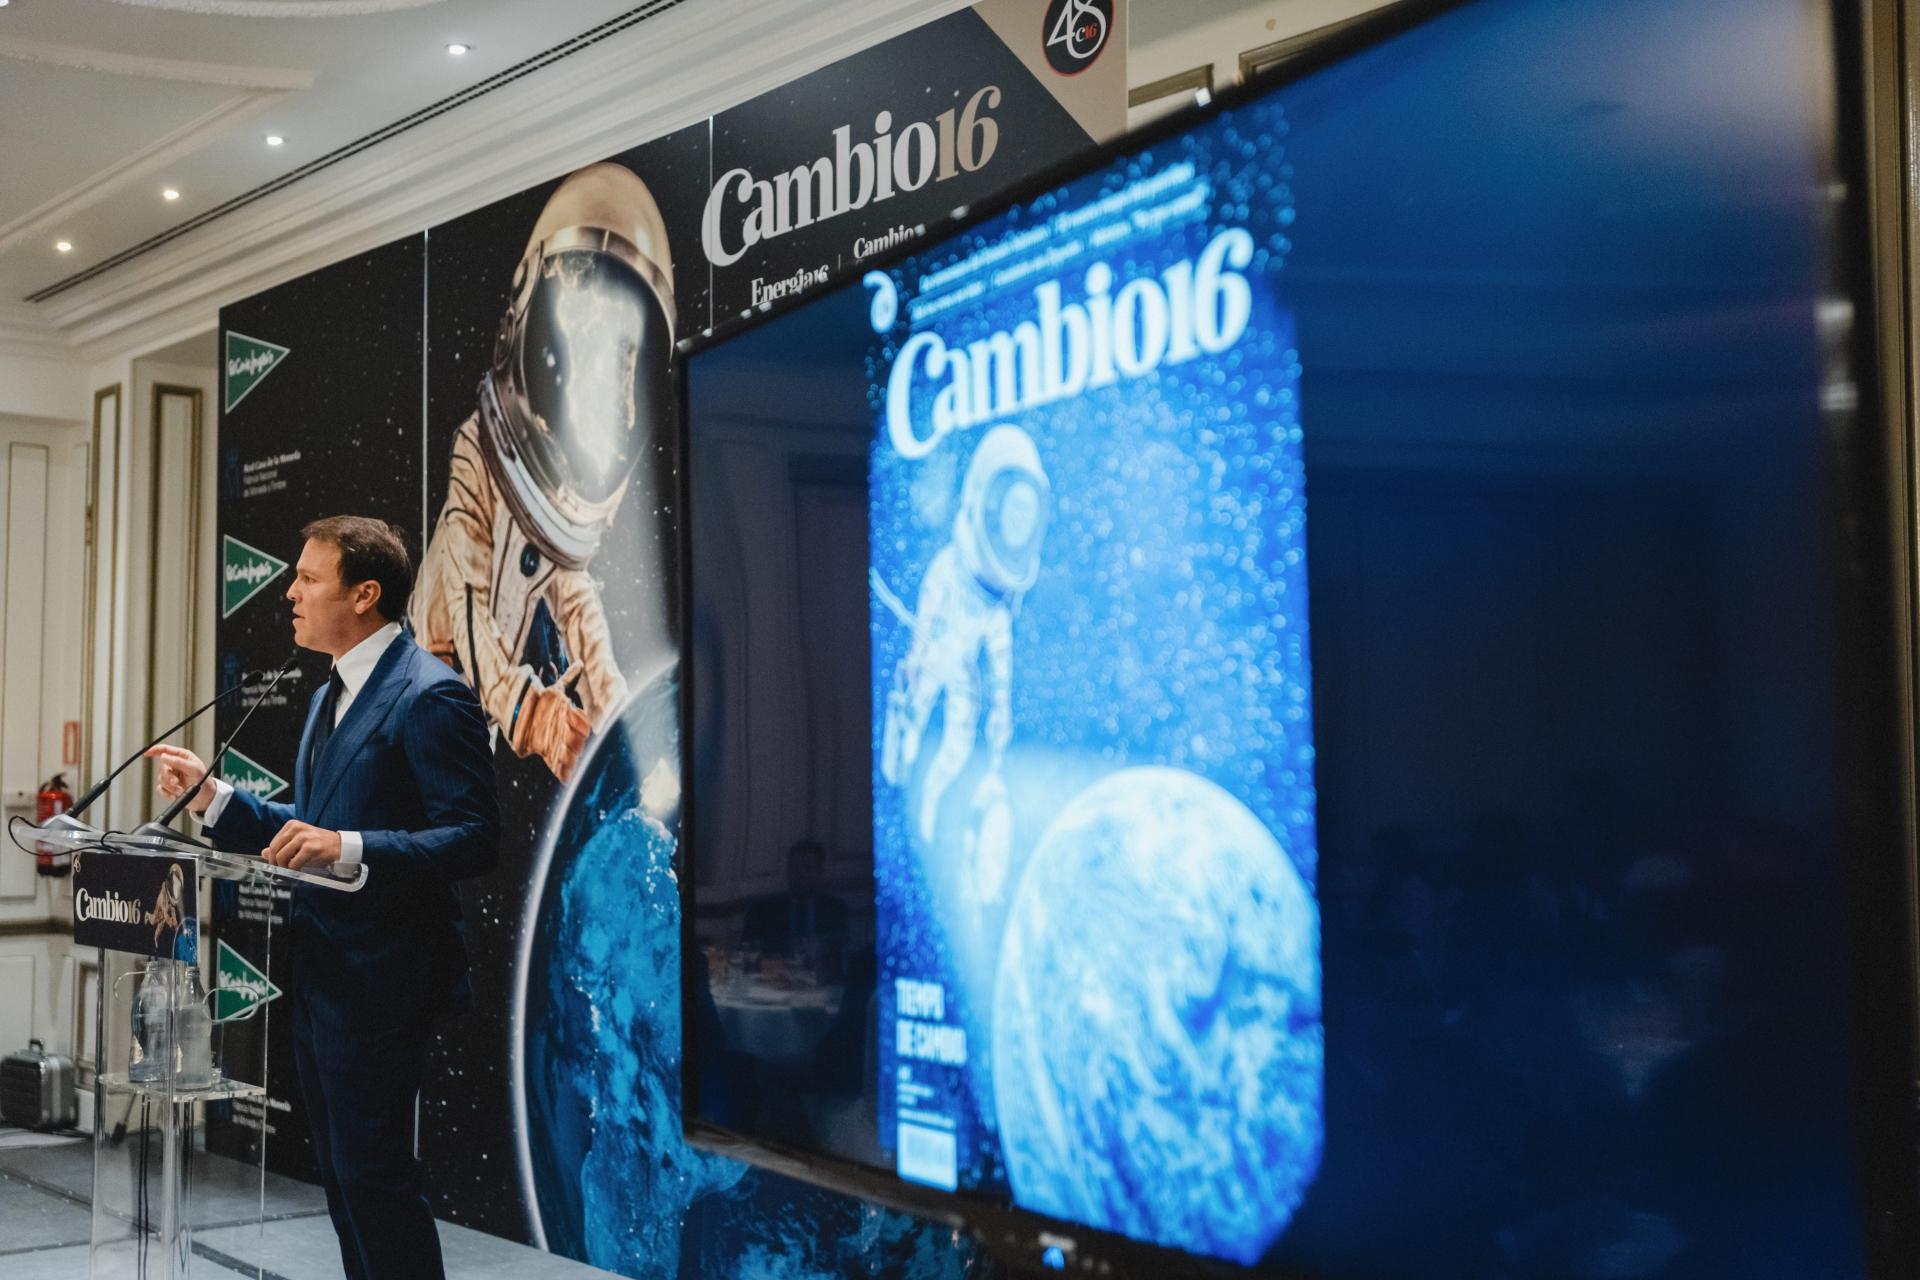 Ángel_Santamaría_Entrega_Premios_Cambio_16_20112018_0145